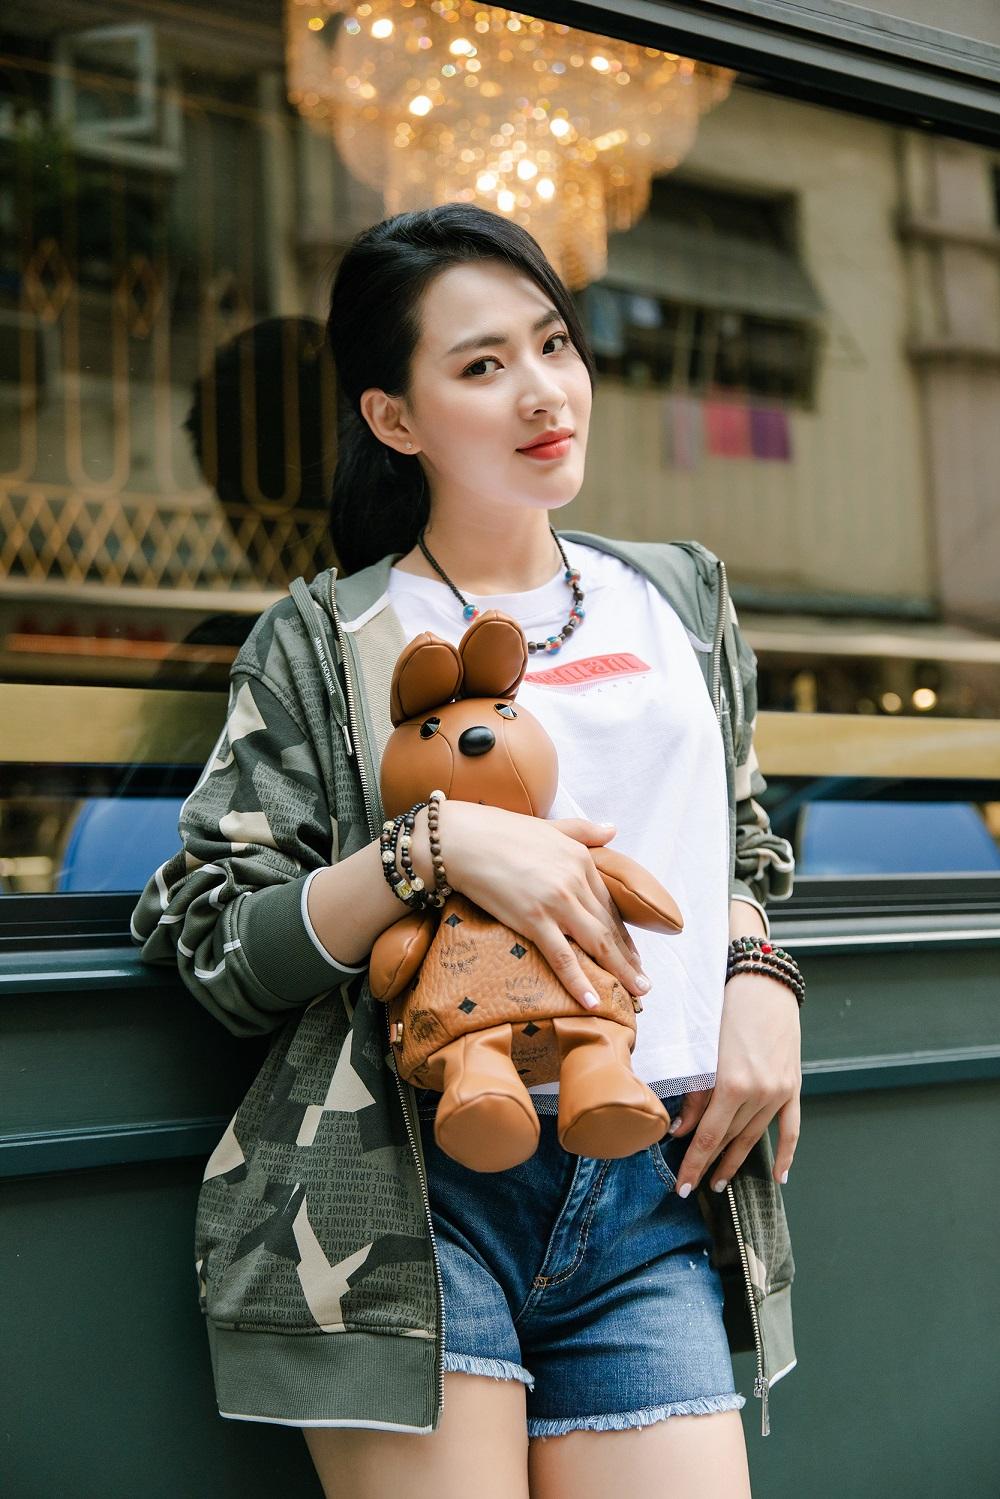 Minh Trang là nữ diễn viên khá quen mặt với công chúng truyền hình. Sở hữu cao 1,7m, dáng người thanh mảnh và khuôn mặt chuẩn V-line, cô nàng luôn biết cách khai thác tối đa lợi thế về hình thể cùng thần thái ấn tượng trước ống kính.